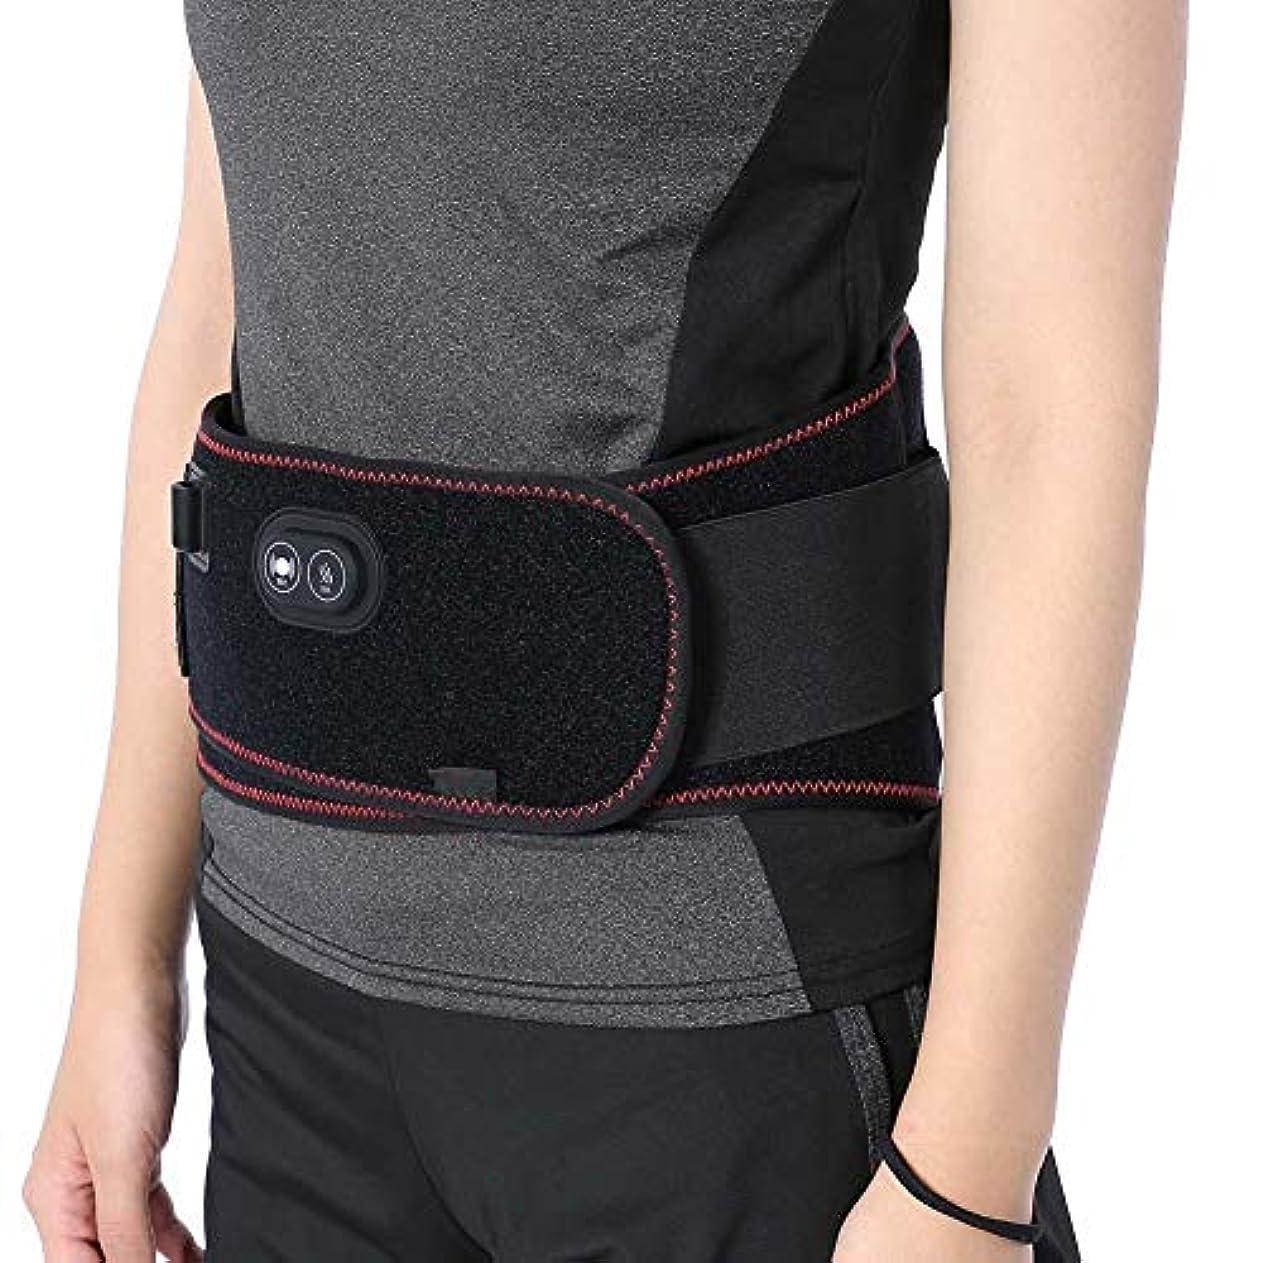 場合マッシュ納屋暖房ウエストベルト電気暖かい腹部マッサージ振動ウエストサポート、リリーフ性月経困難症と腹部の背中の痛み暖かい腰椎振動ラップ男性と女性のための低い